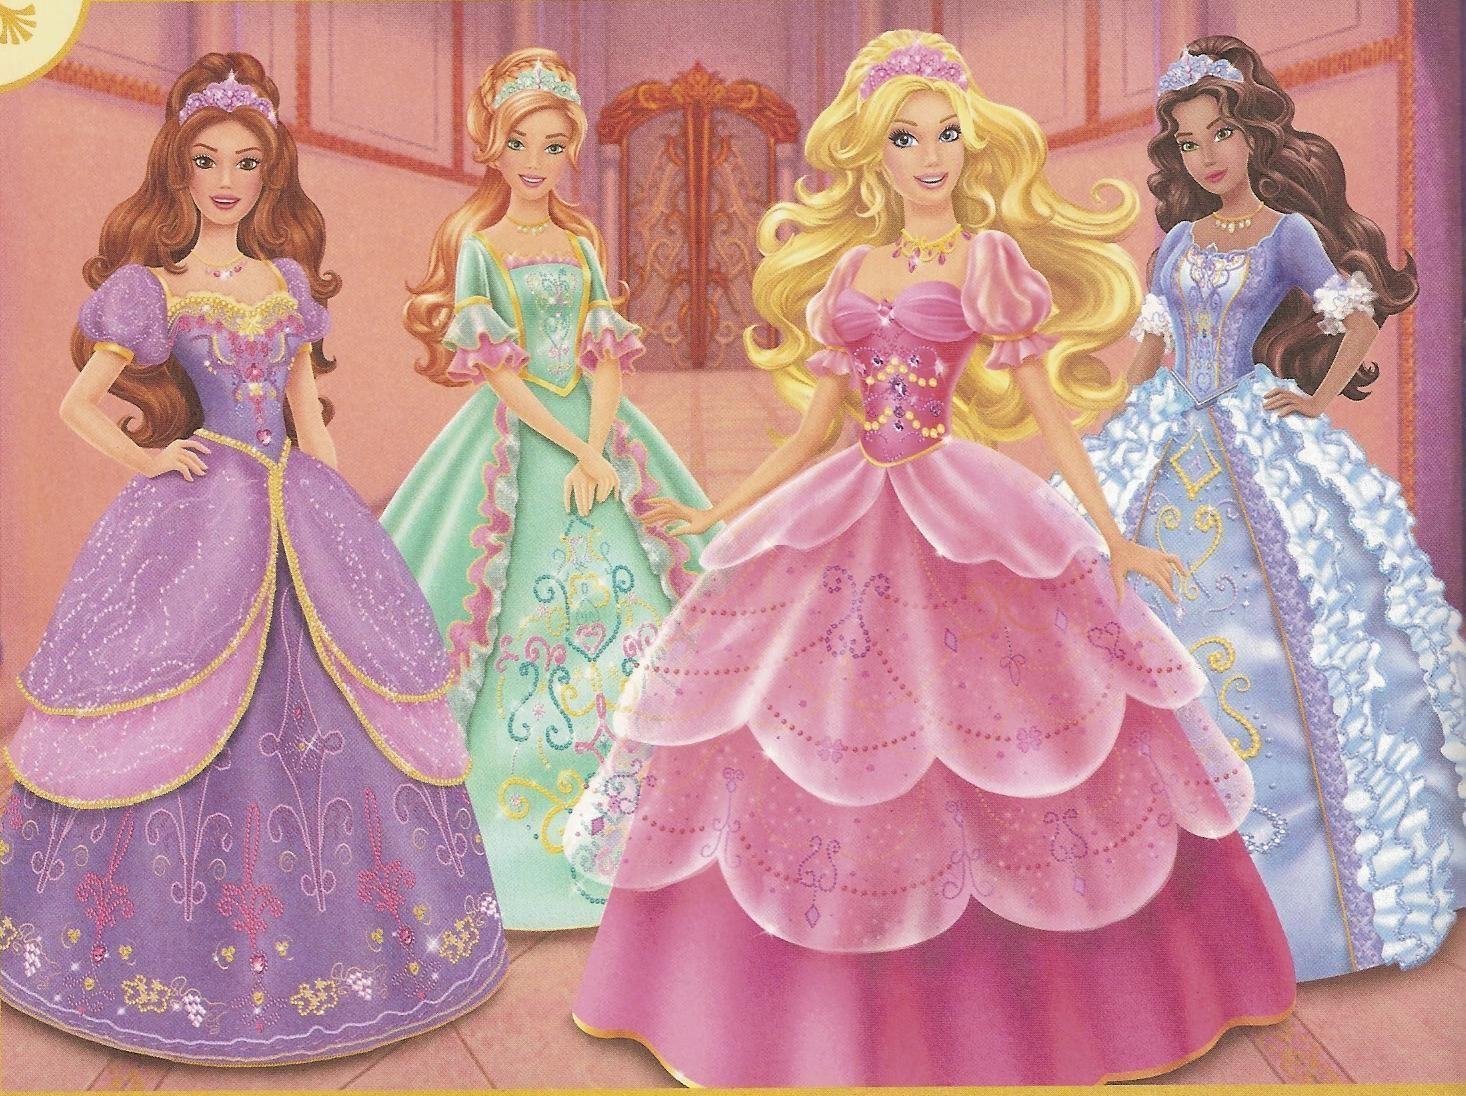 Pin De Dori G Em Festa Barbie Barbie Princesa Roupas Para Barbie Filmes Da Barbie